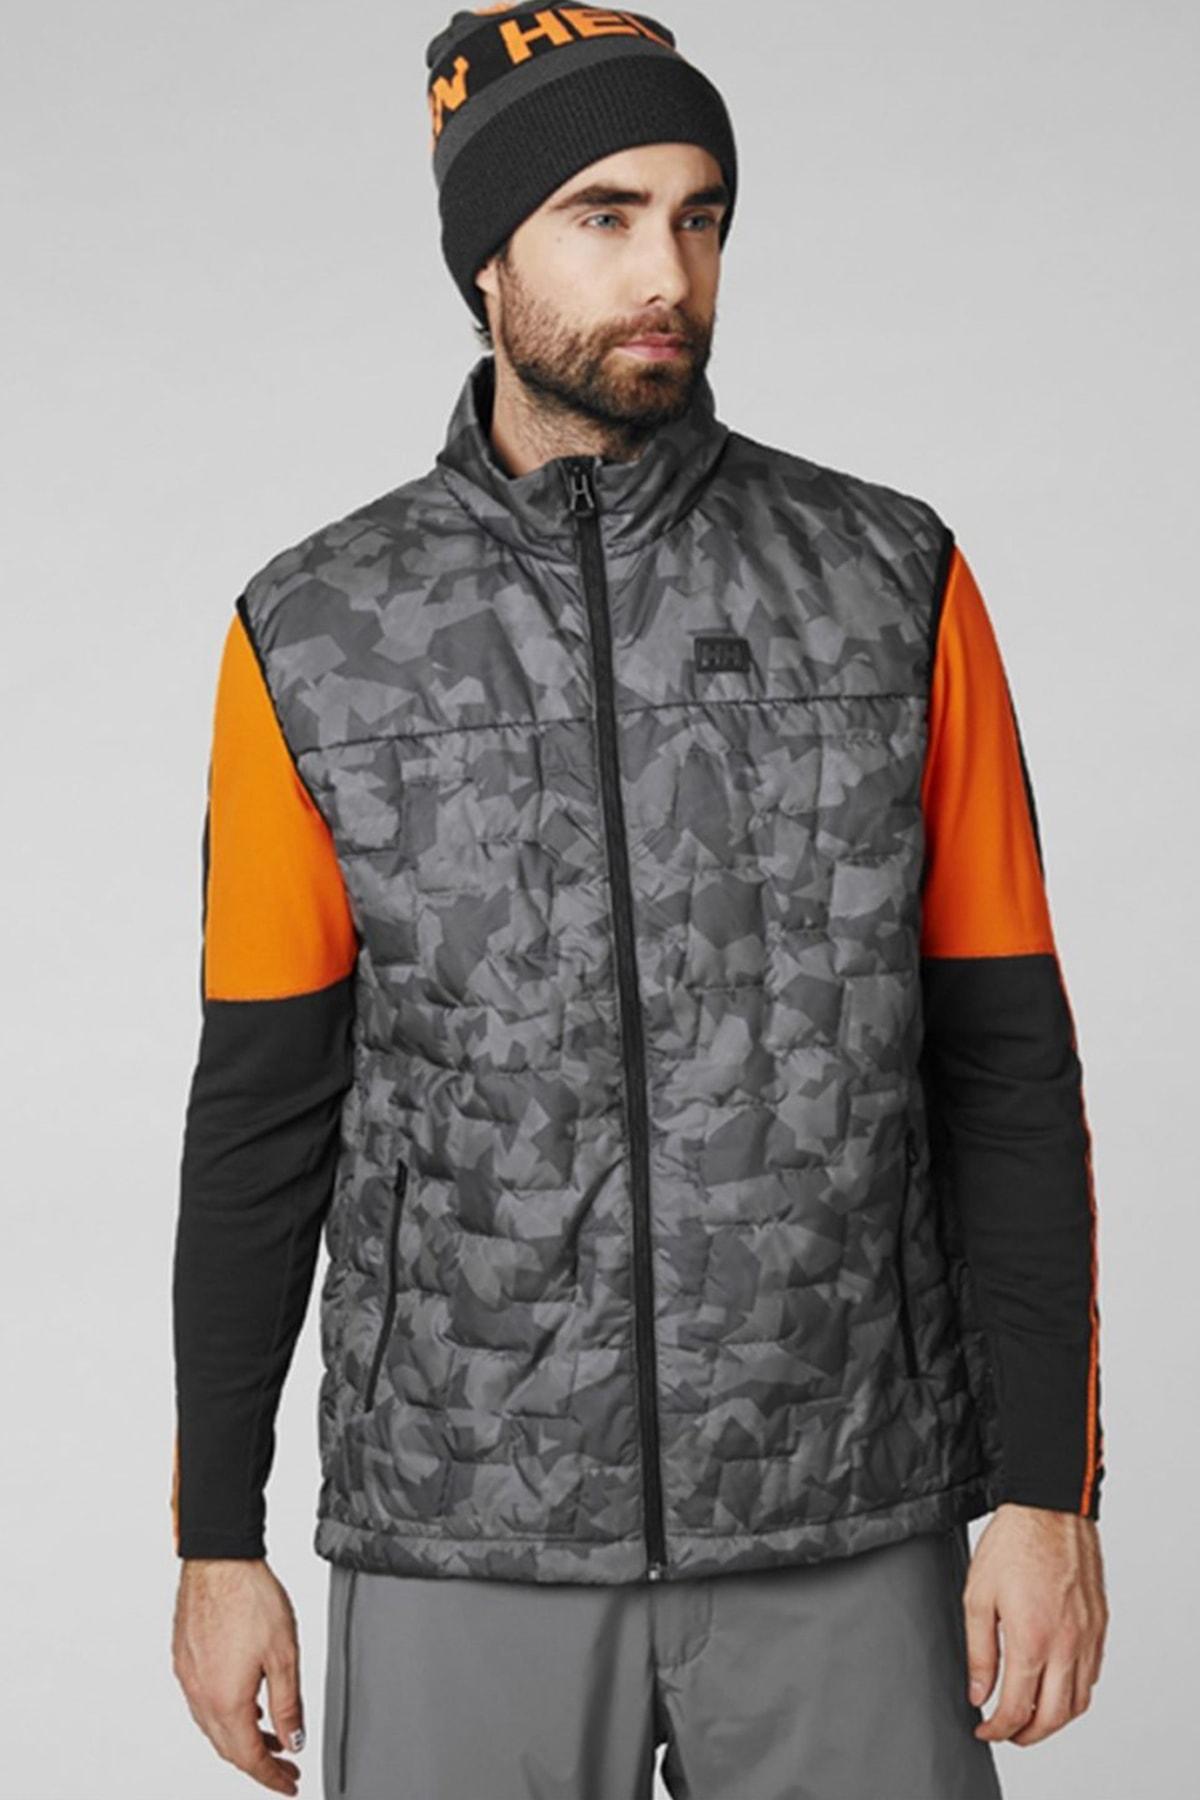 Helly Hansen Lıfaloft Insulator Vest Softshell & Polar HHA.65606 2